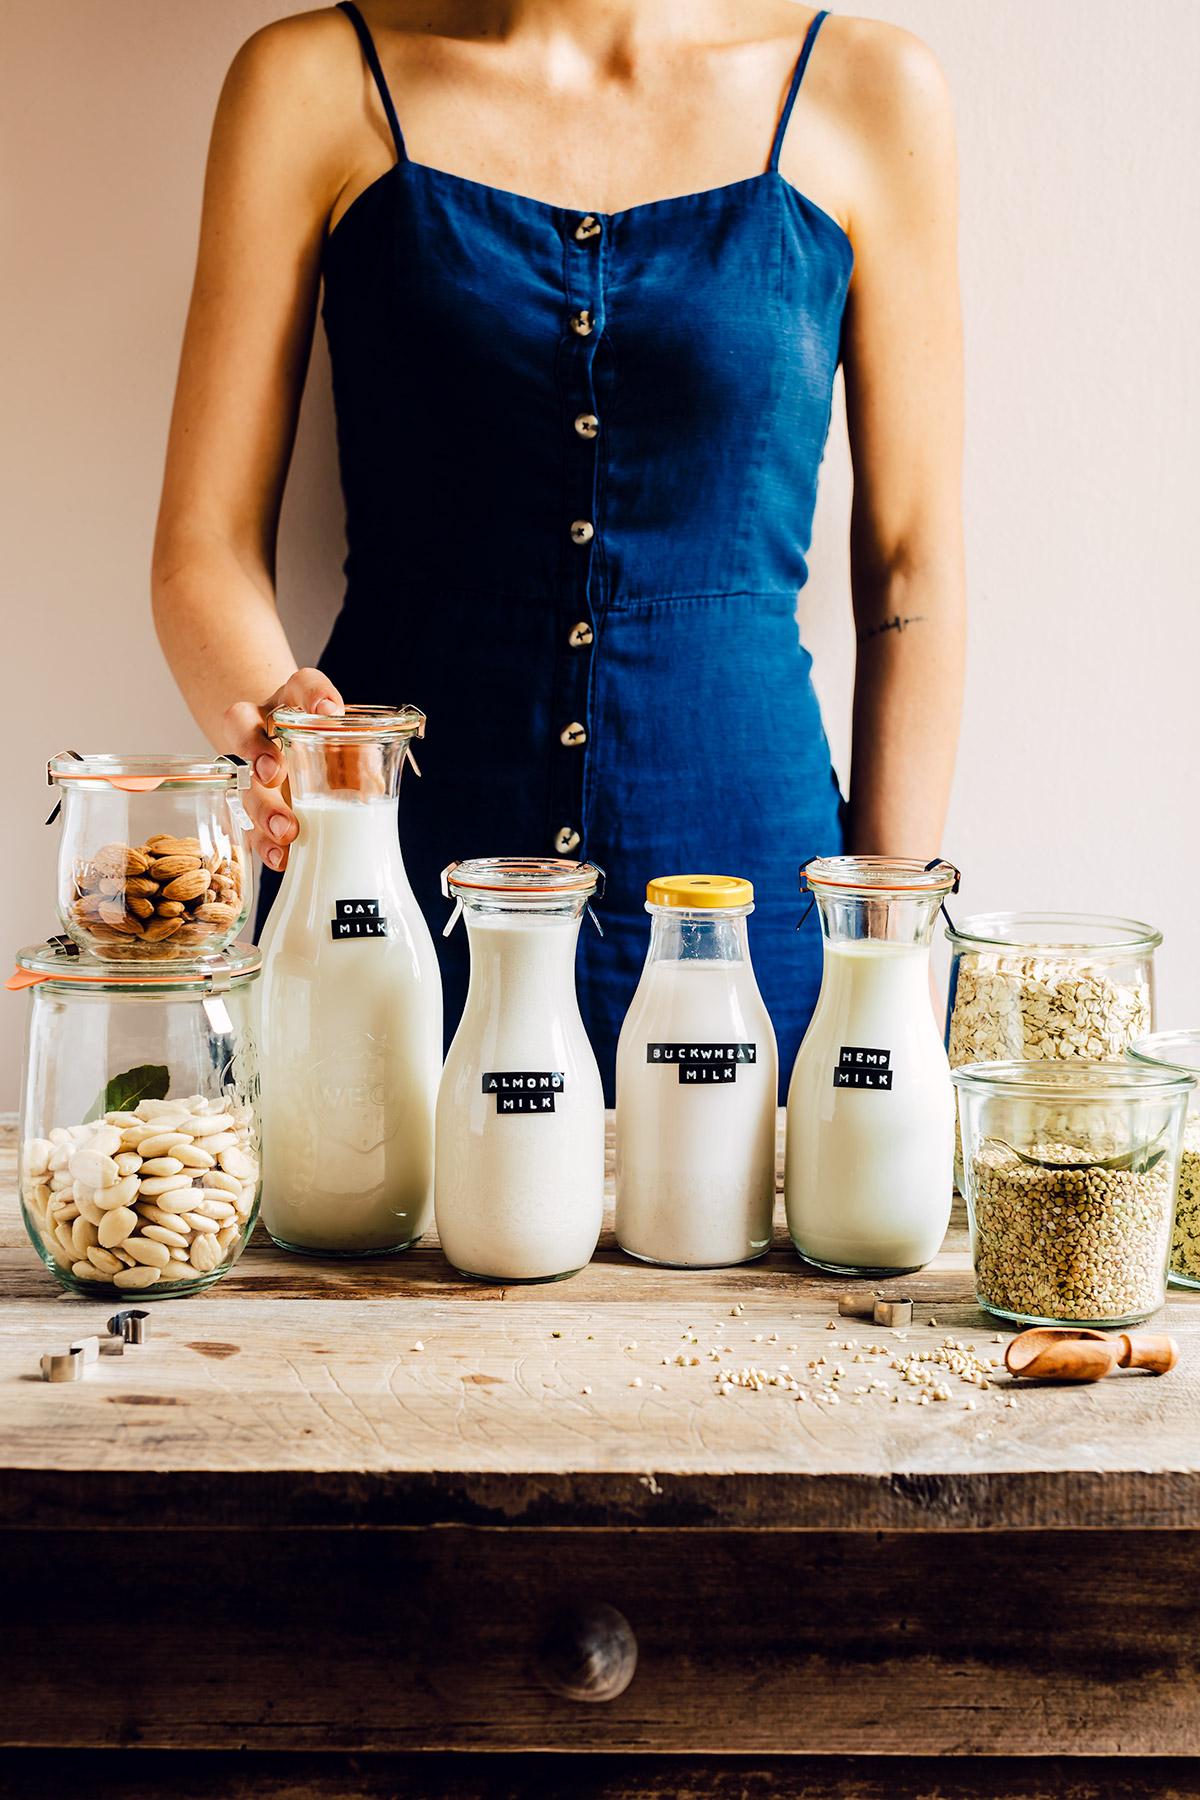 how to make homemade OAT MILK almond milk recipe vegan glutenfree nutfree come preparare il latte di avena fatto in casa latte di mandorle